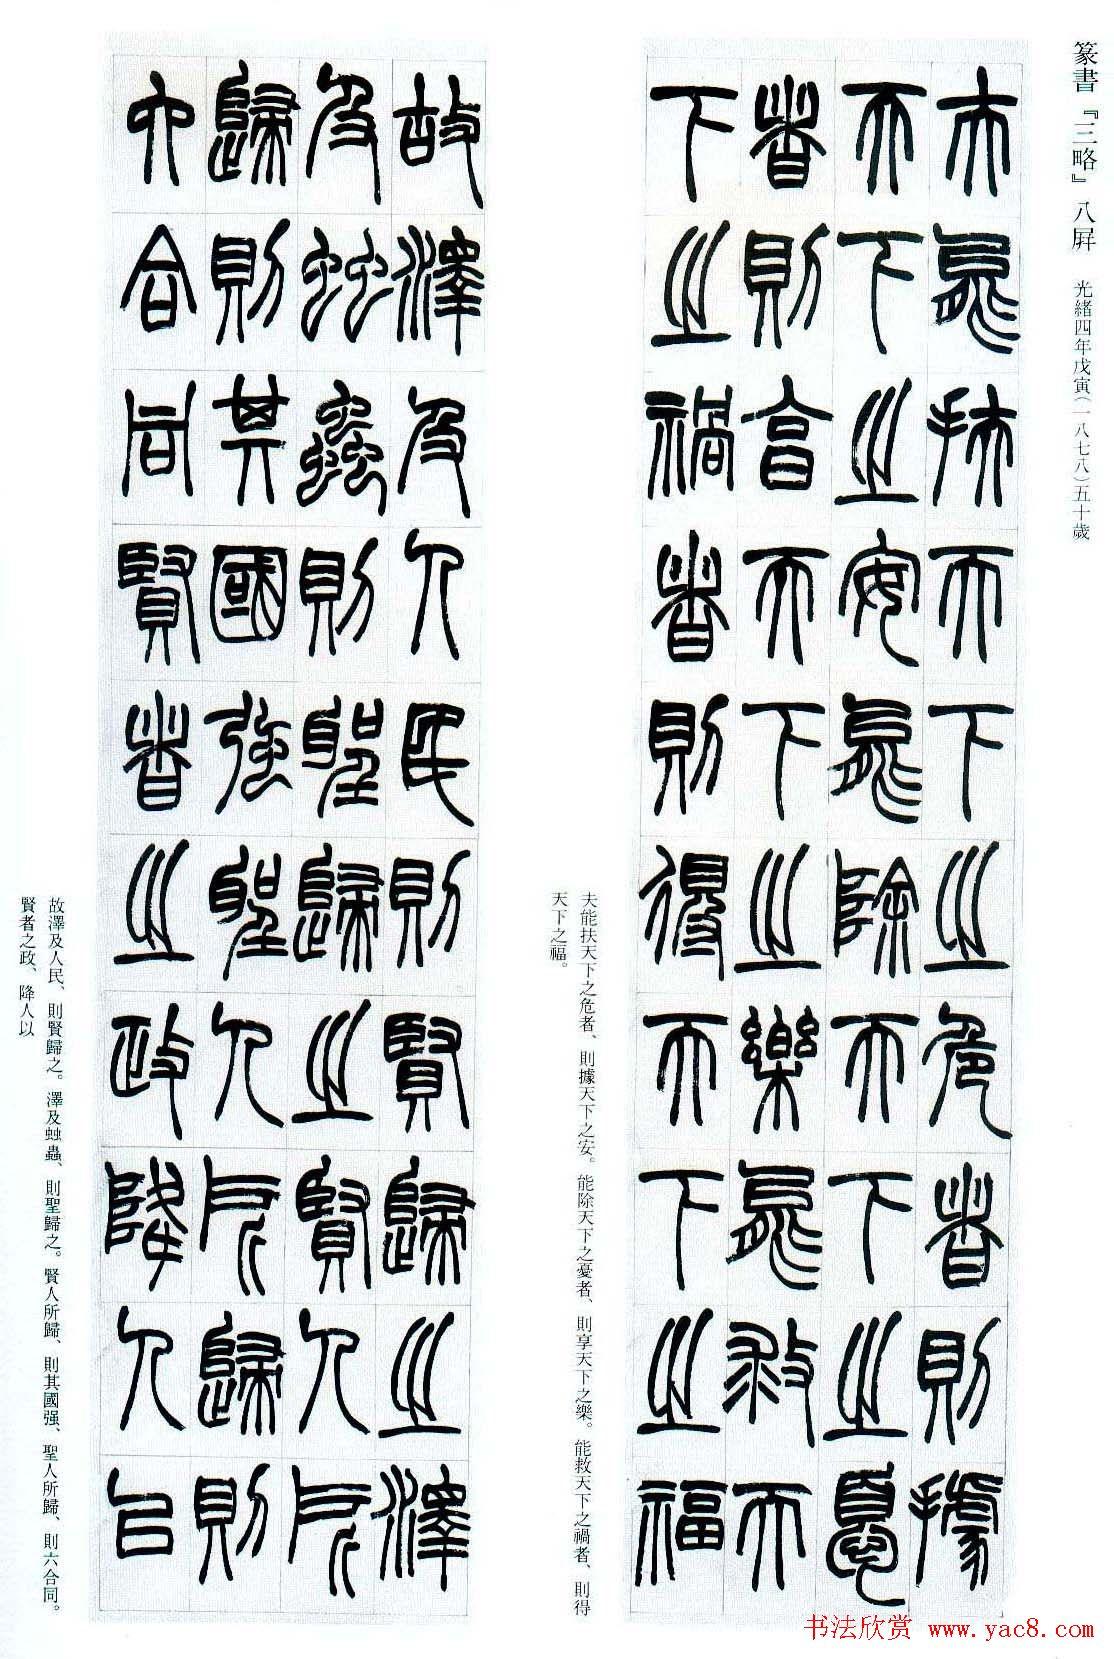 赵之谦篆书欣赏《群臣治要引三略》